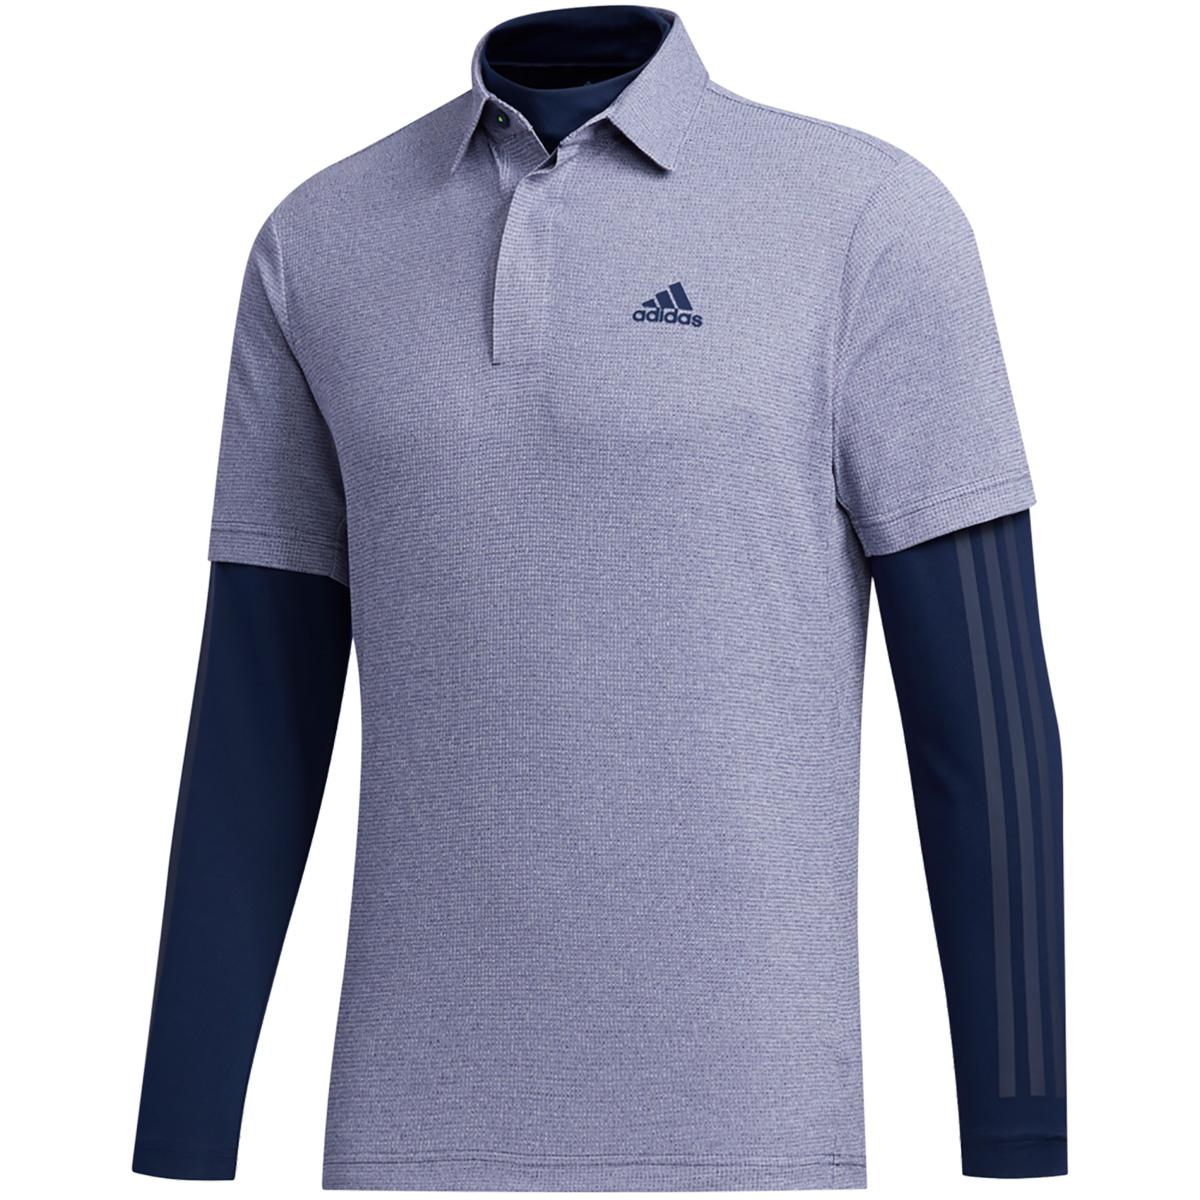 ワッフルメランジ レイヤード 半袖ポロシャツ